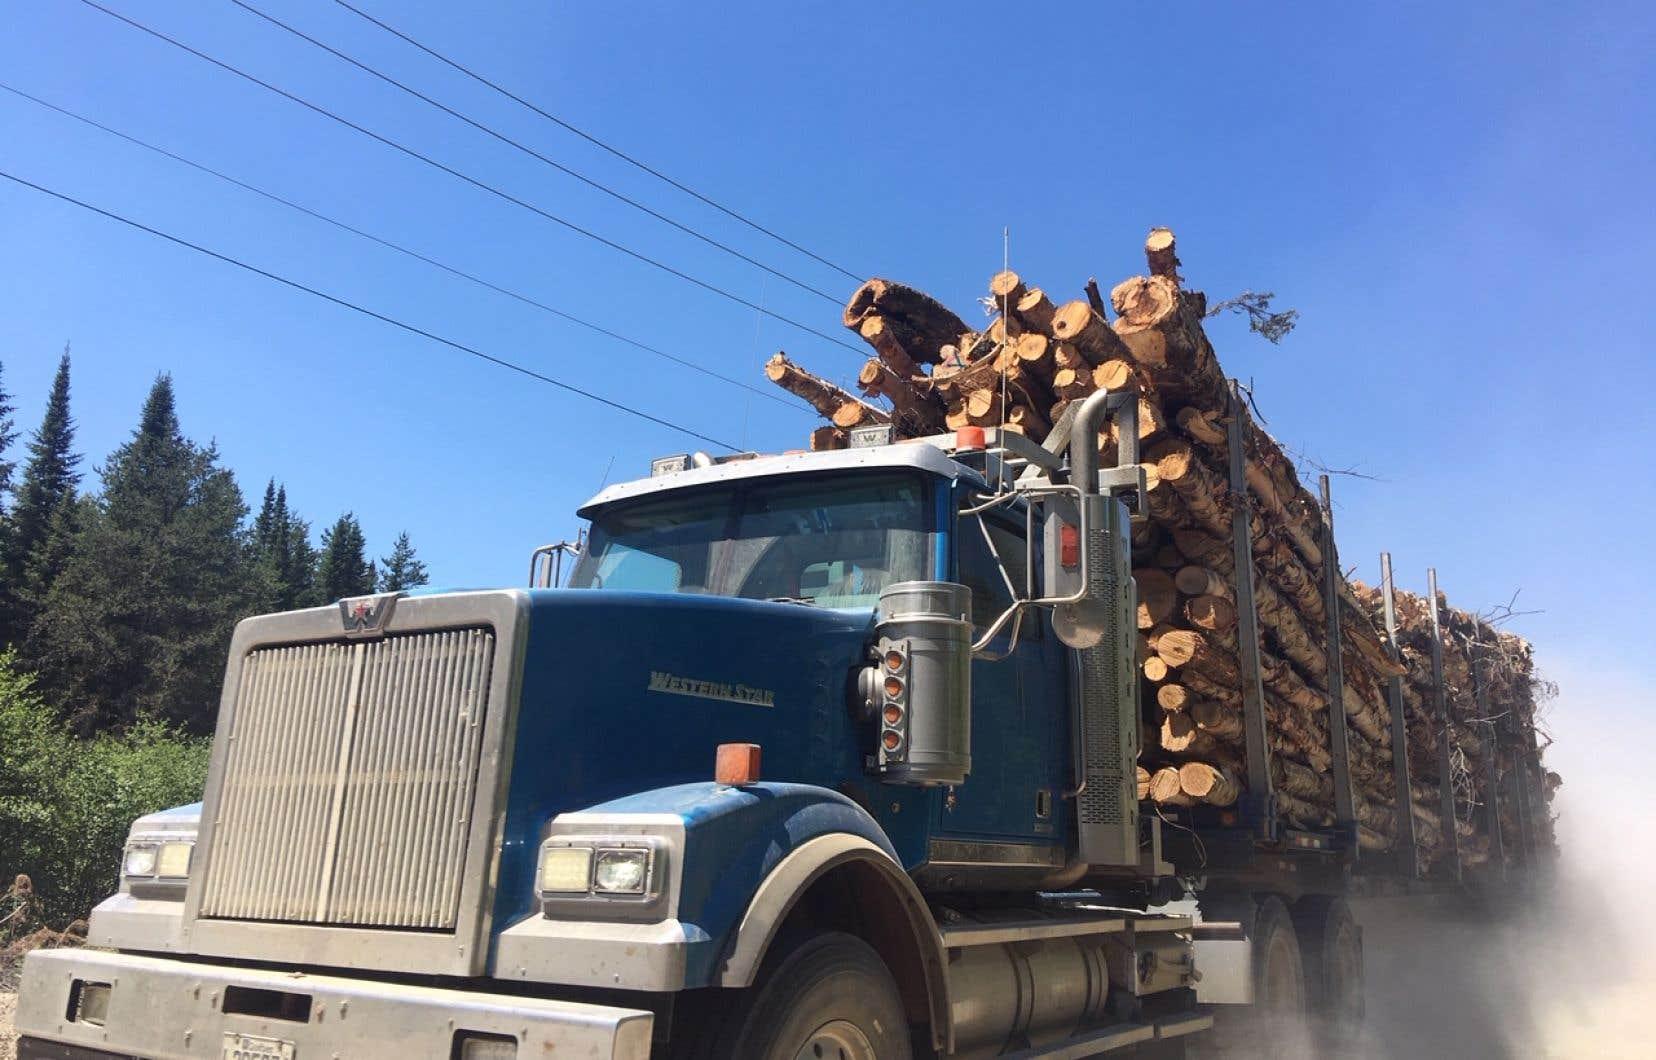 Un camion transportant des troncs d'arbres vers le Sud soulève un nuage de poussière sur le Chemin de Manawan au nord de St-Michel des-Saints.